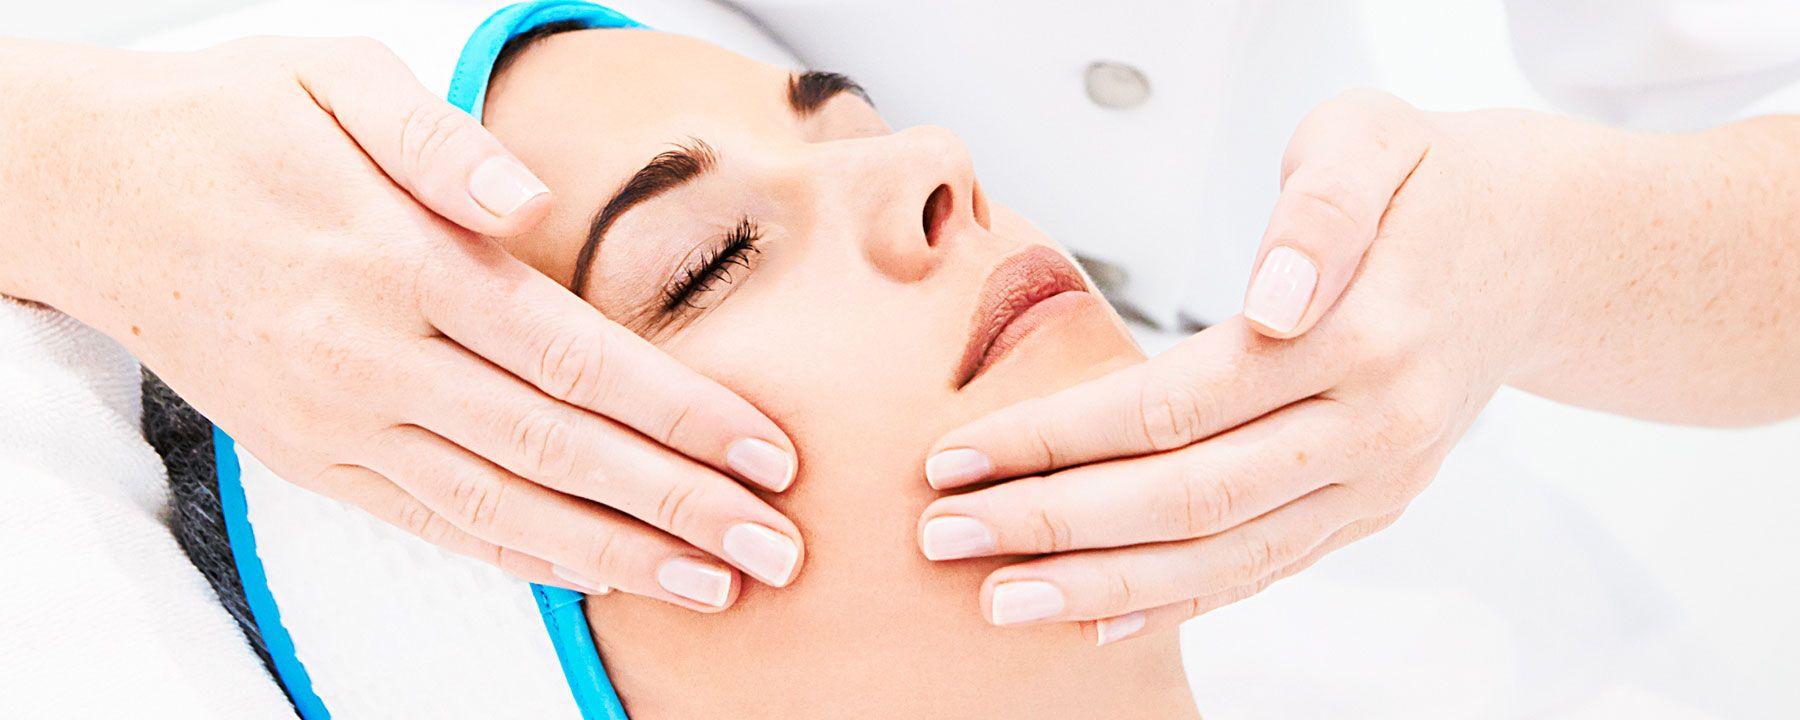 Kosmetik für die Haut Sprinkart Cosmetic Kempten